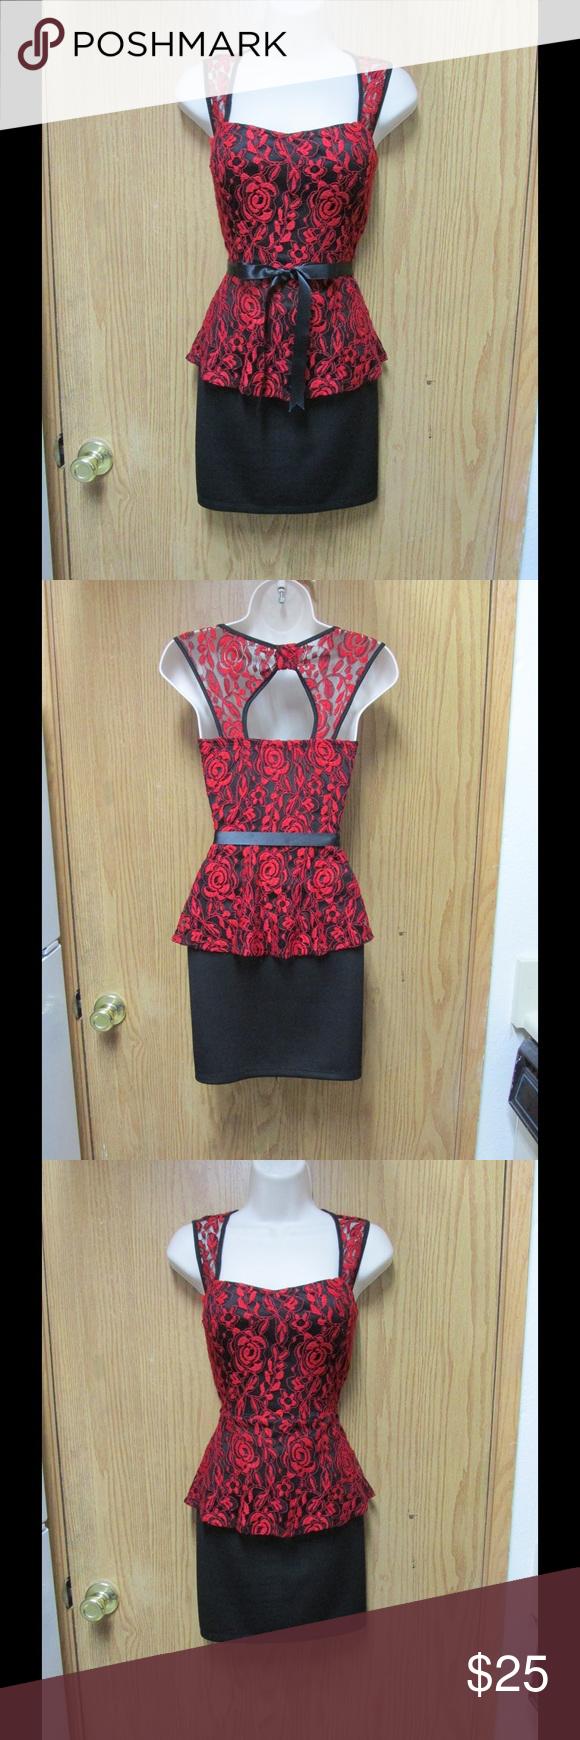 Chic black dress wred lacebelt uback bow design stretchy